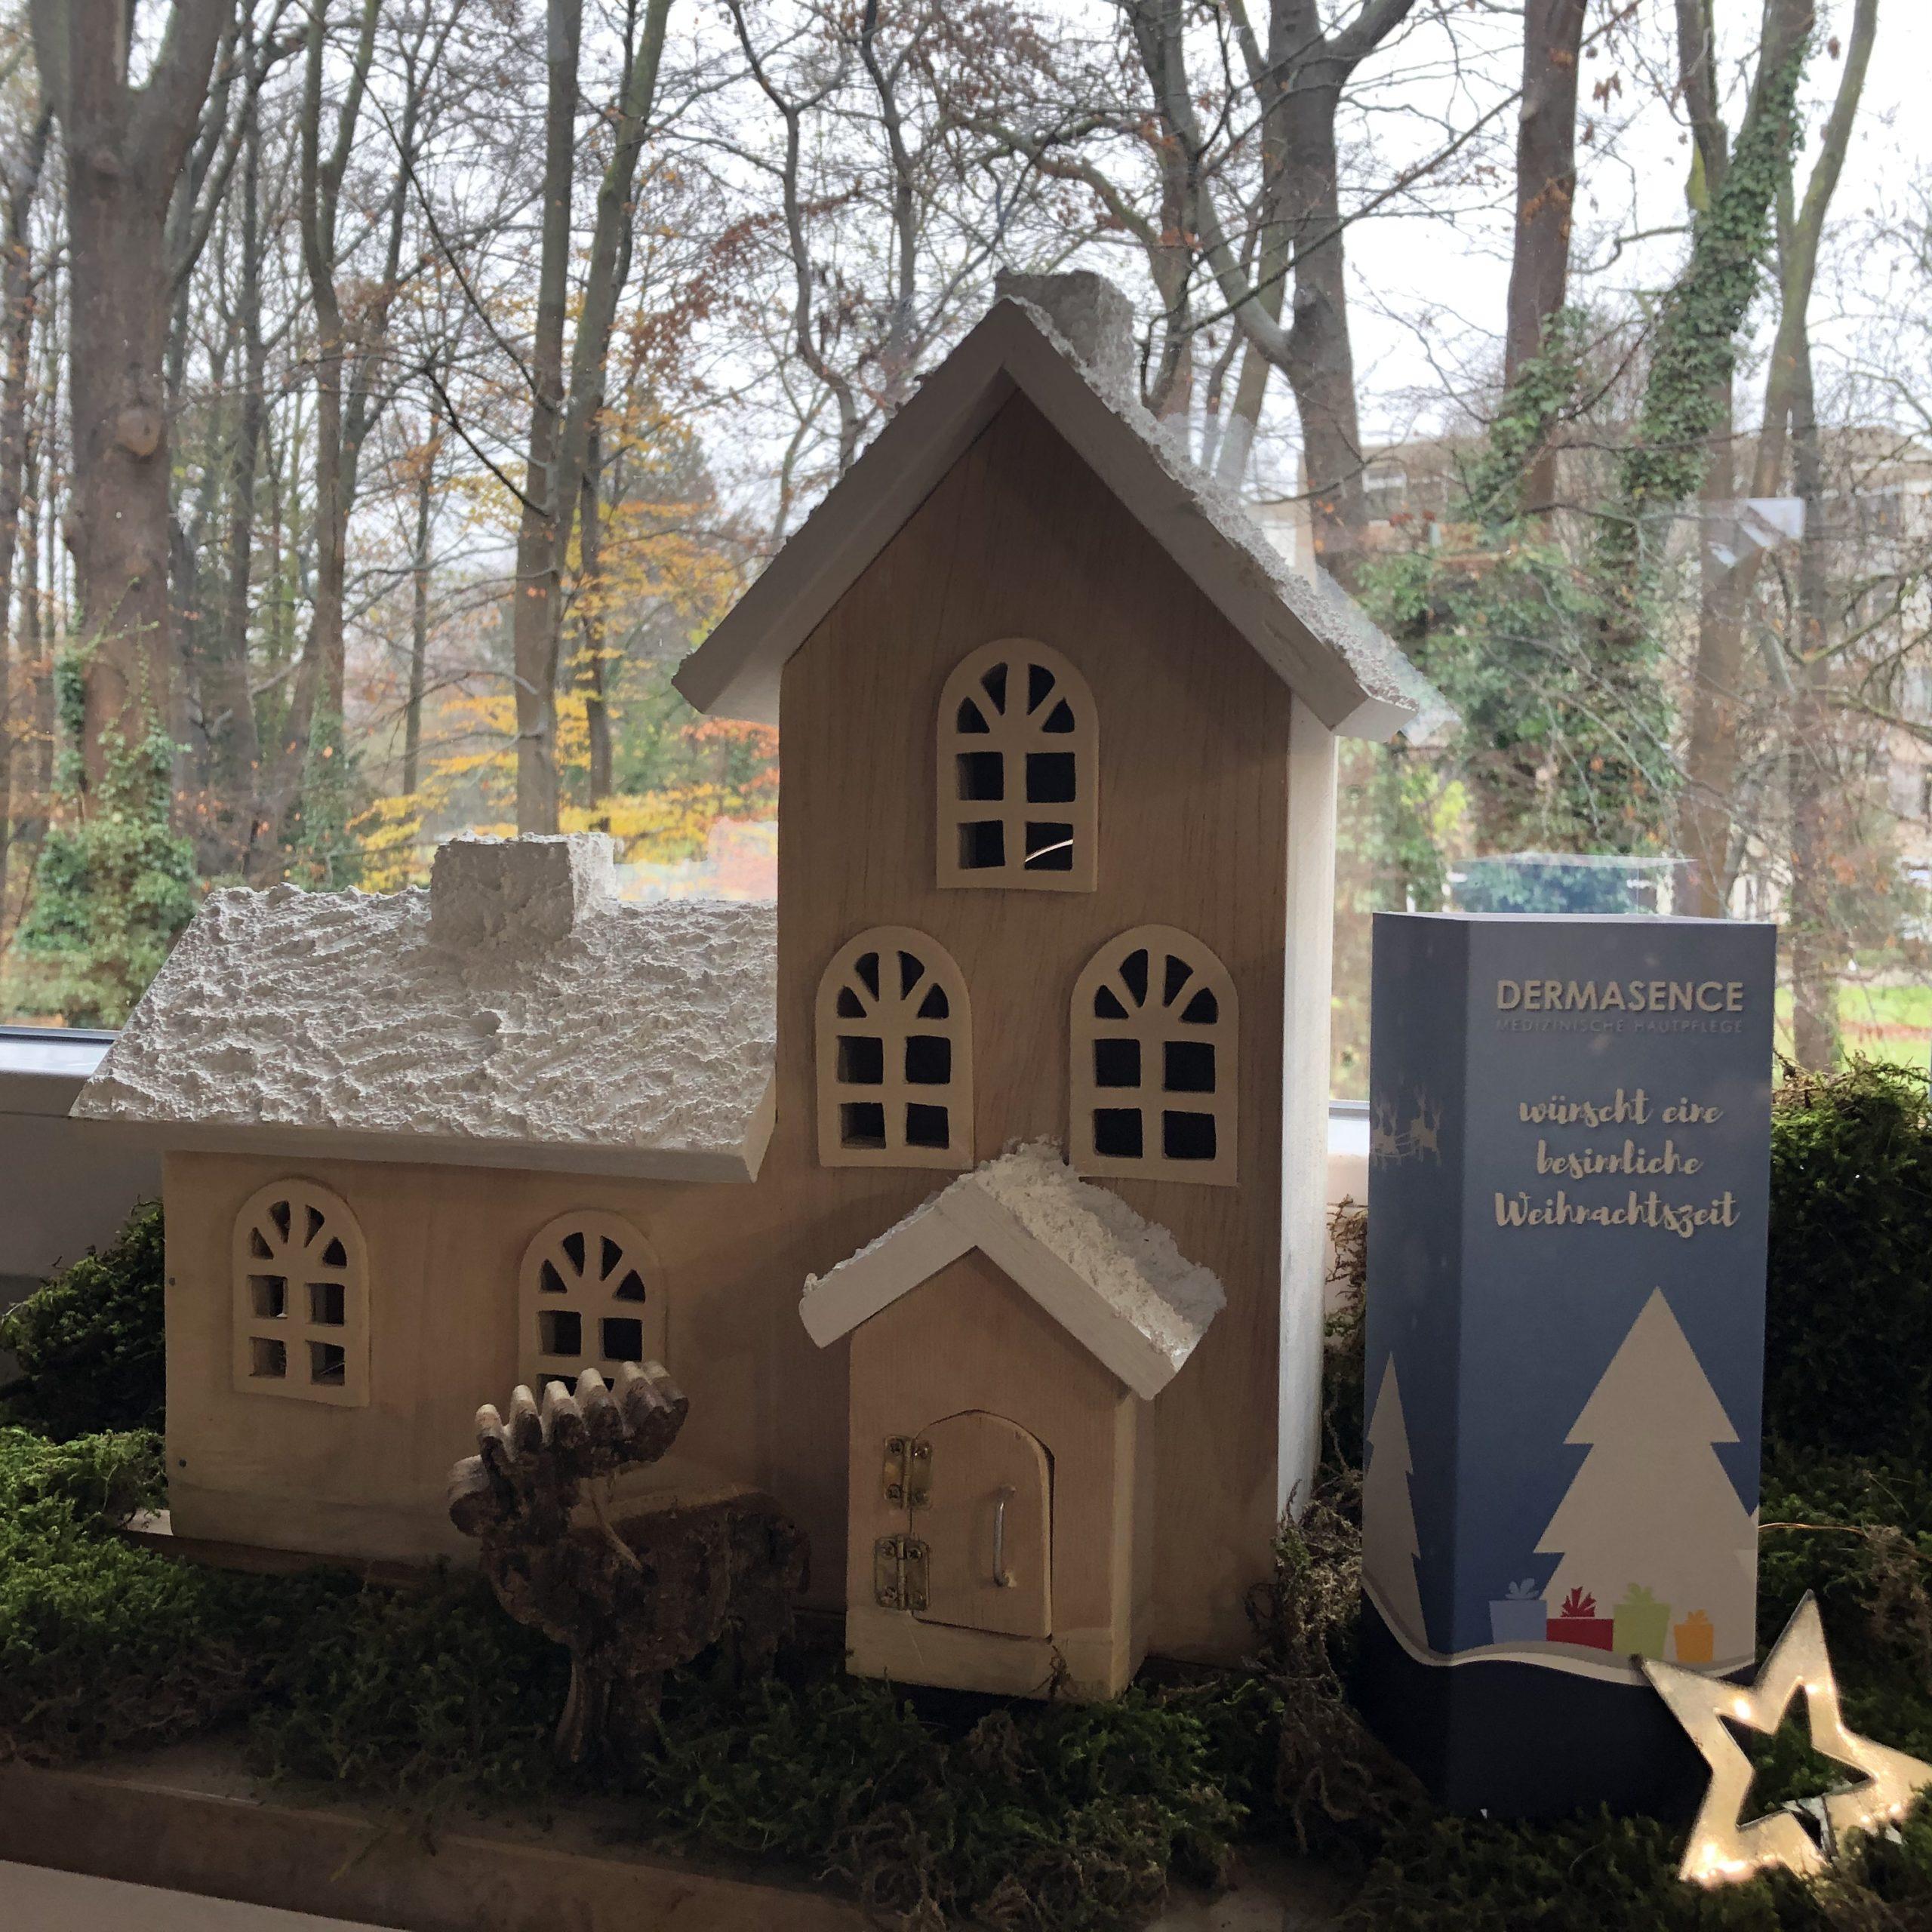 Weihnachten Dermasence Königs-Apotheke Münster